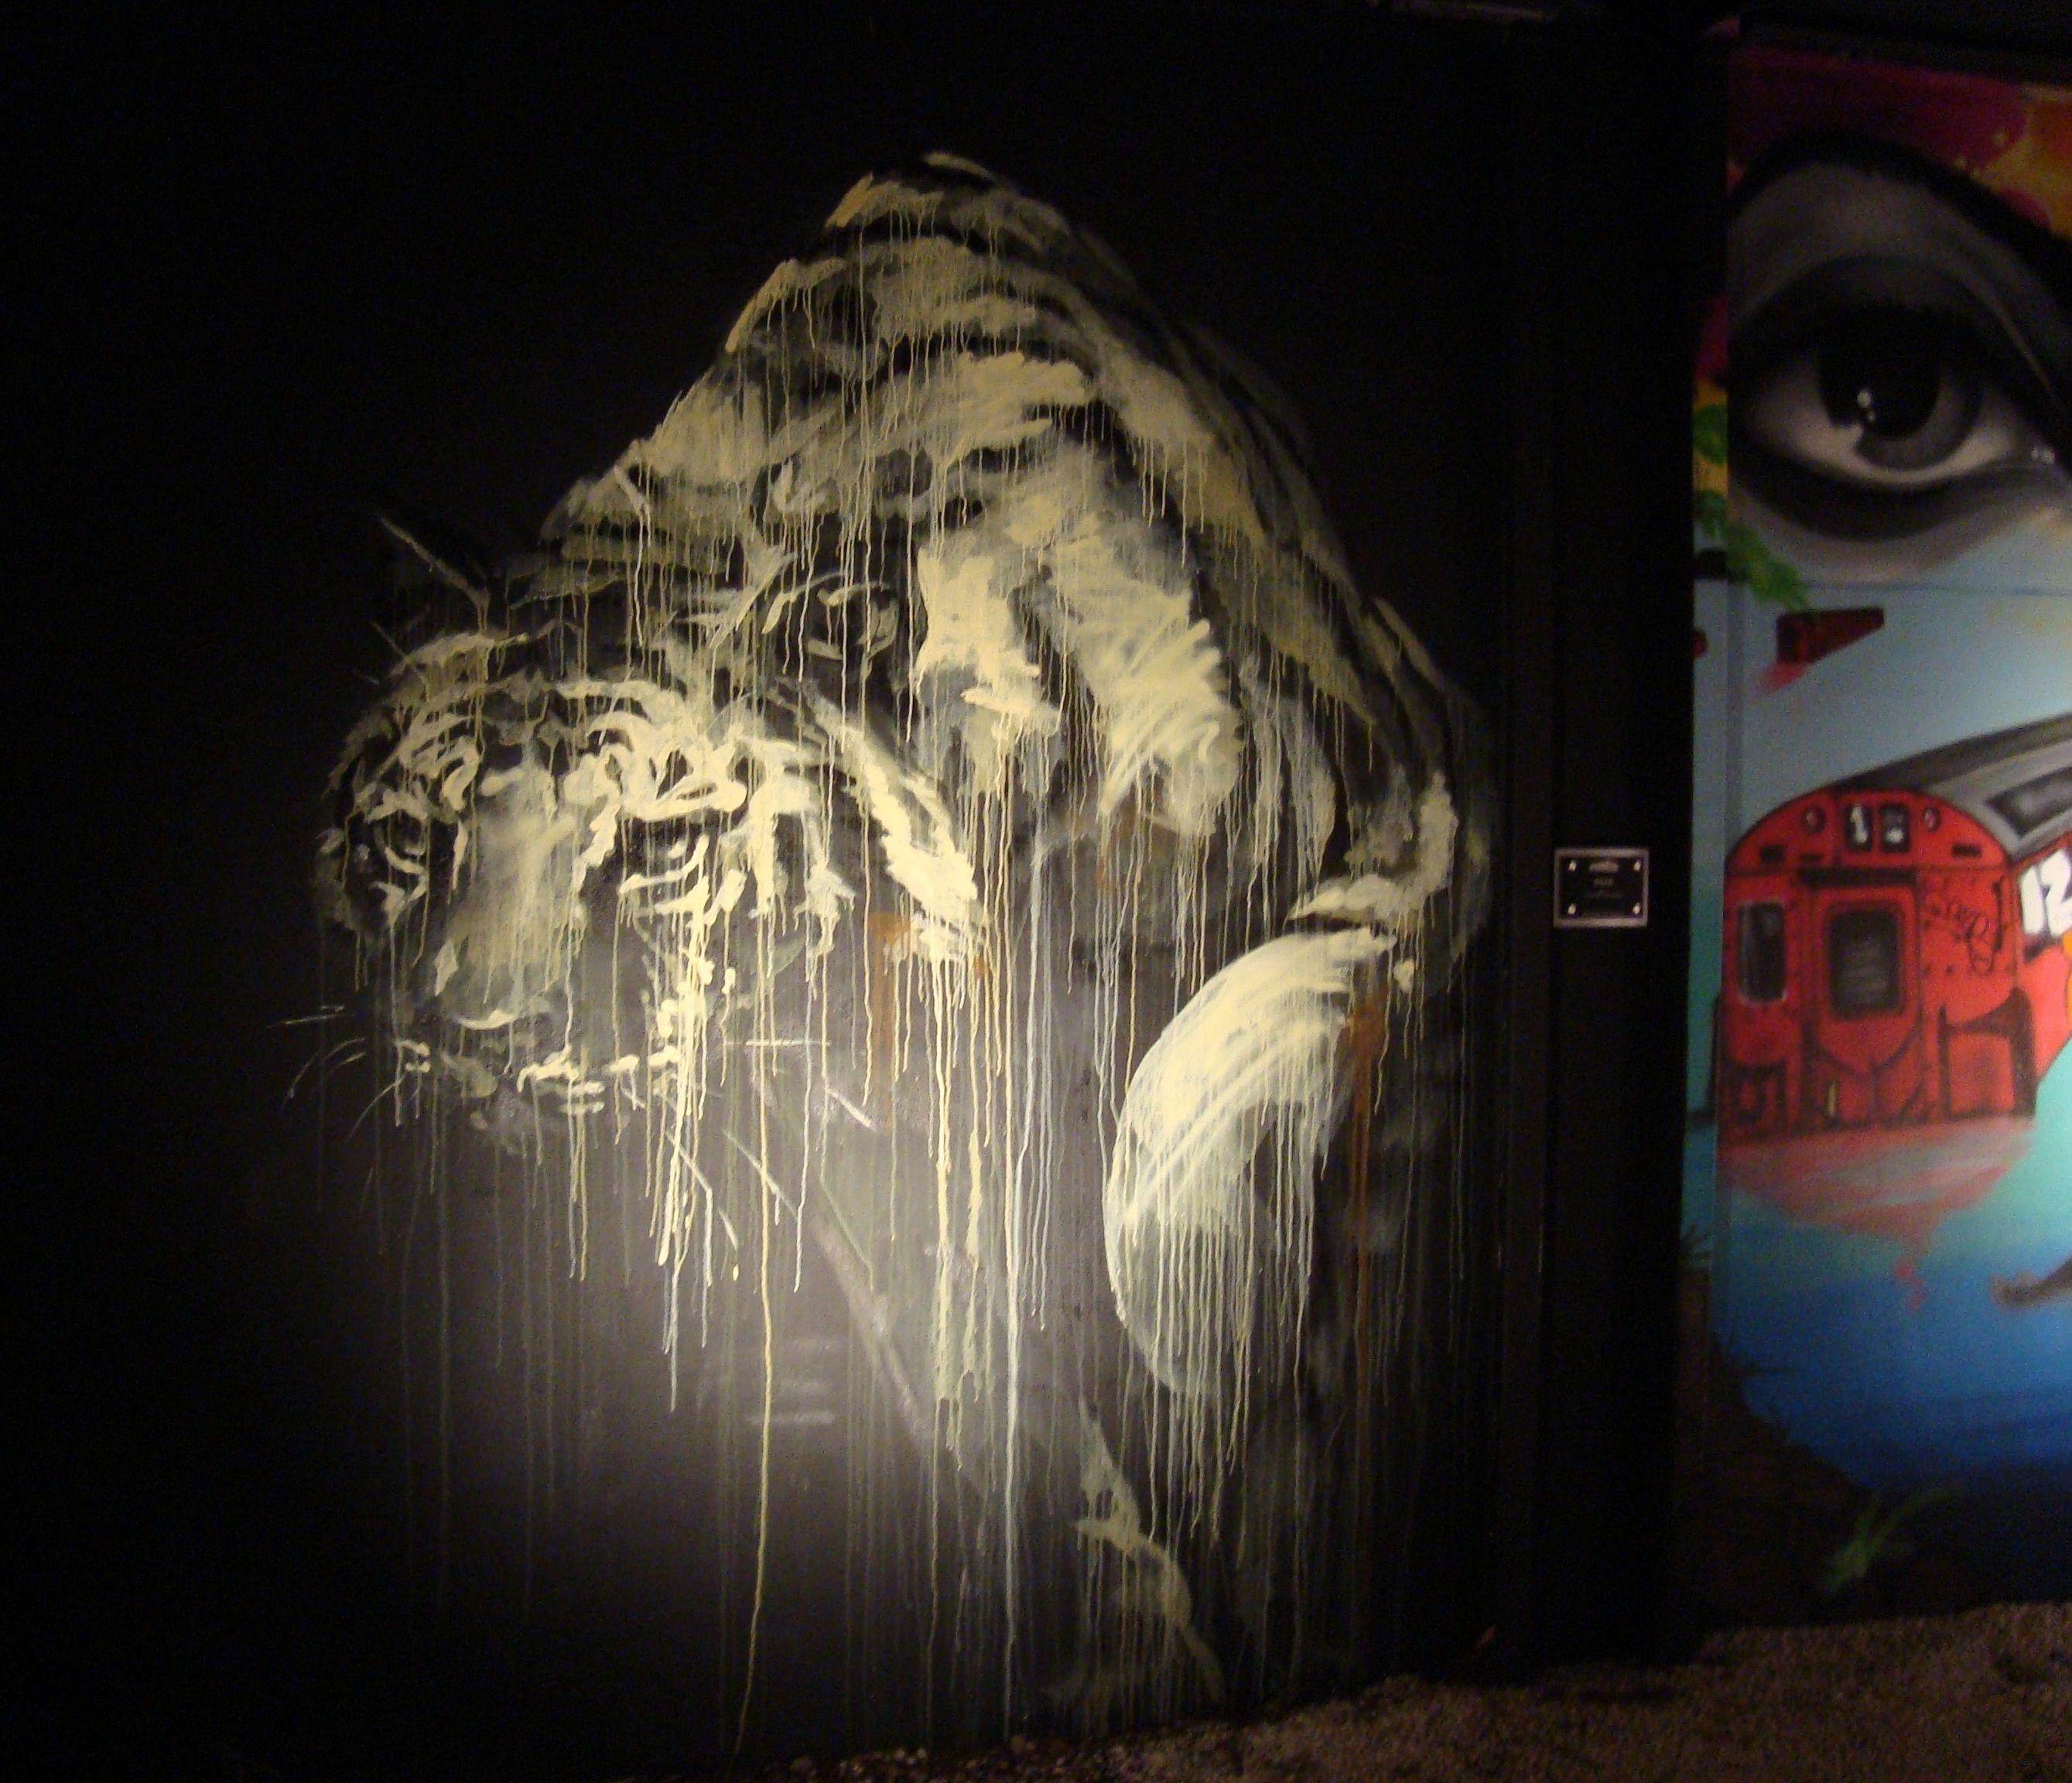 Mural in Wynwood Arts District #streetart #mural